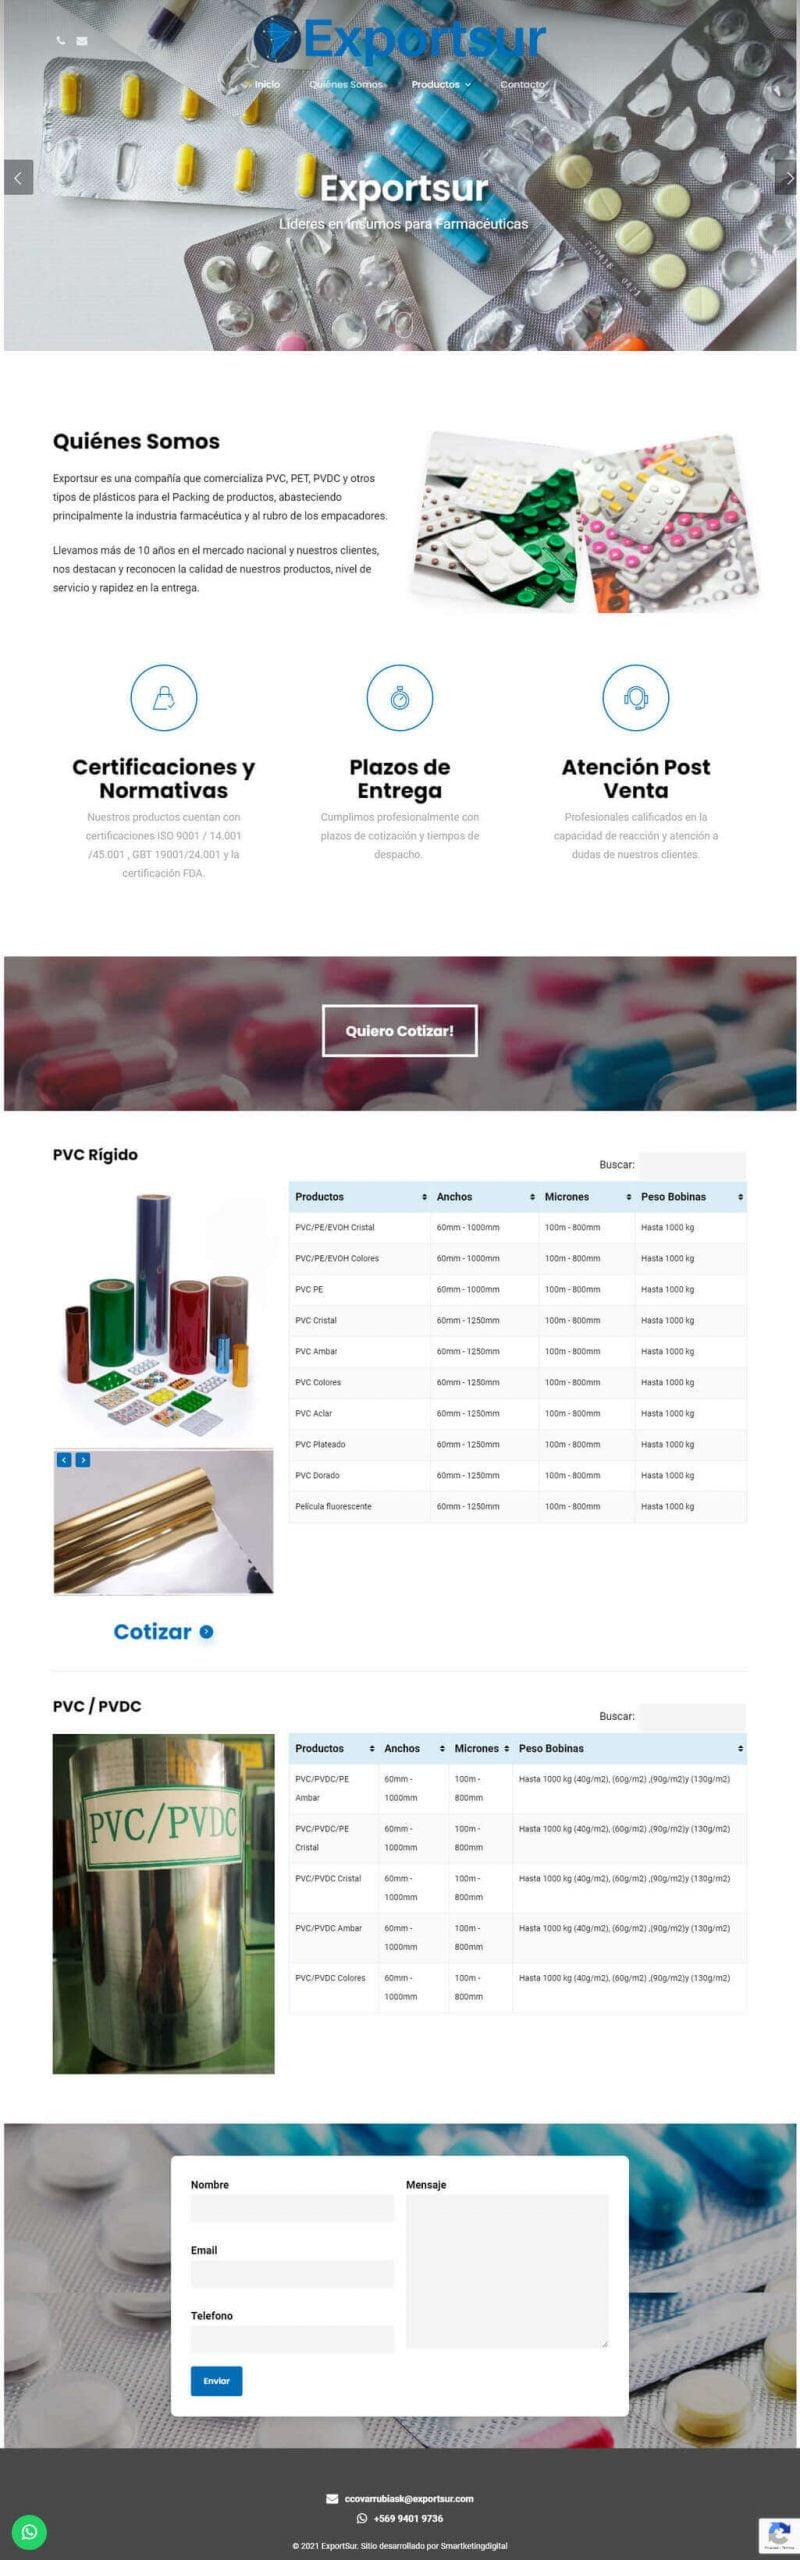 Exportsur sitio desarrollado por Risi Agencia Digital y Smartketing